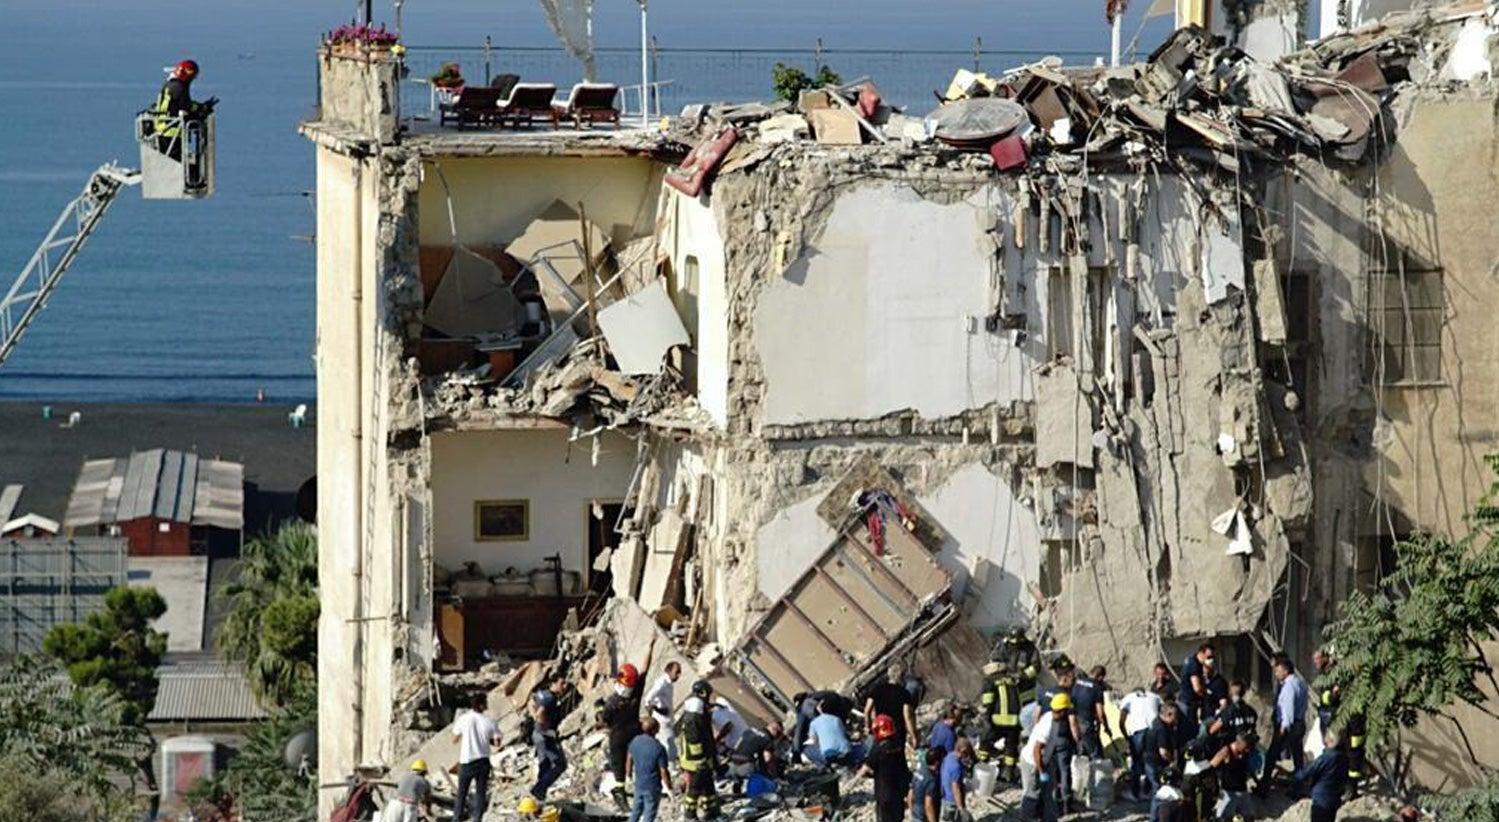 Resultado de imagem para Derrocada parcial de edifício em Itália, algumas pessoas podem estar presas nos escombros